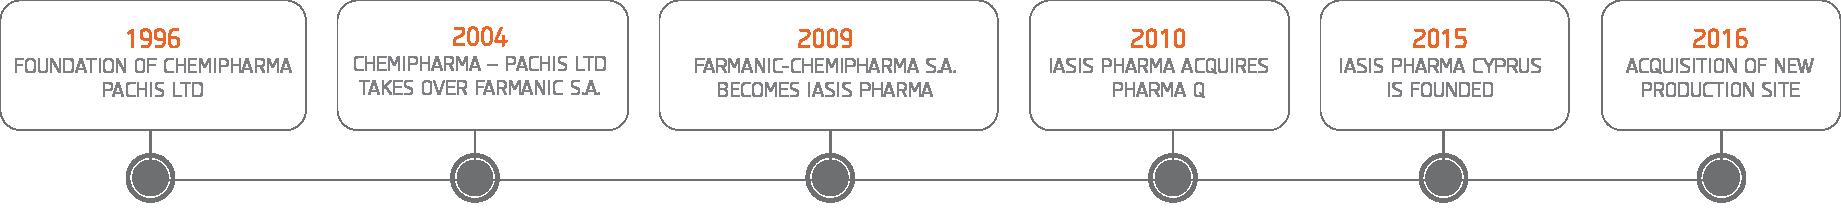 iasis pharma history chart